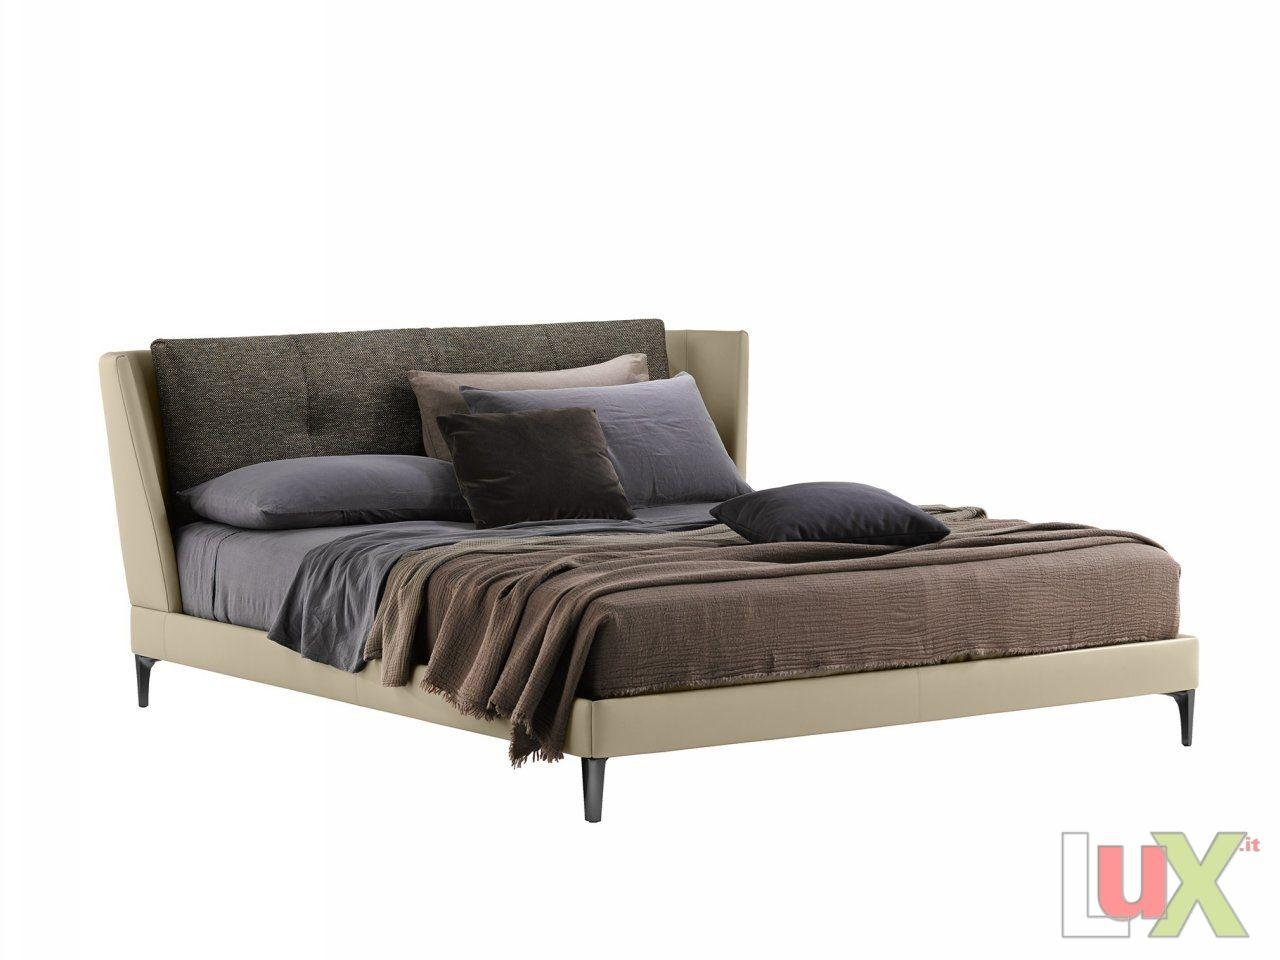 Letto modello bretagne bed - Testiere letto imbottite ...